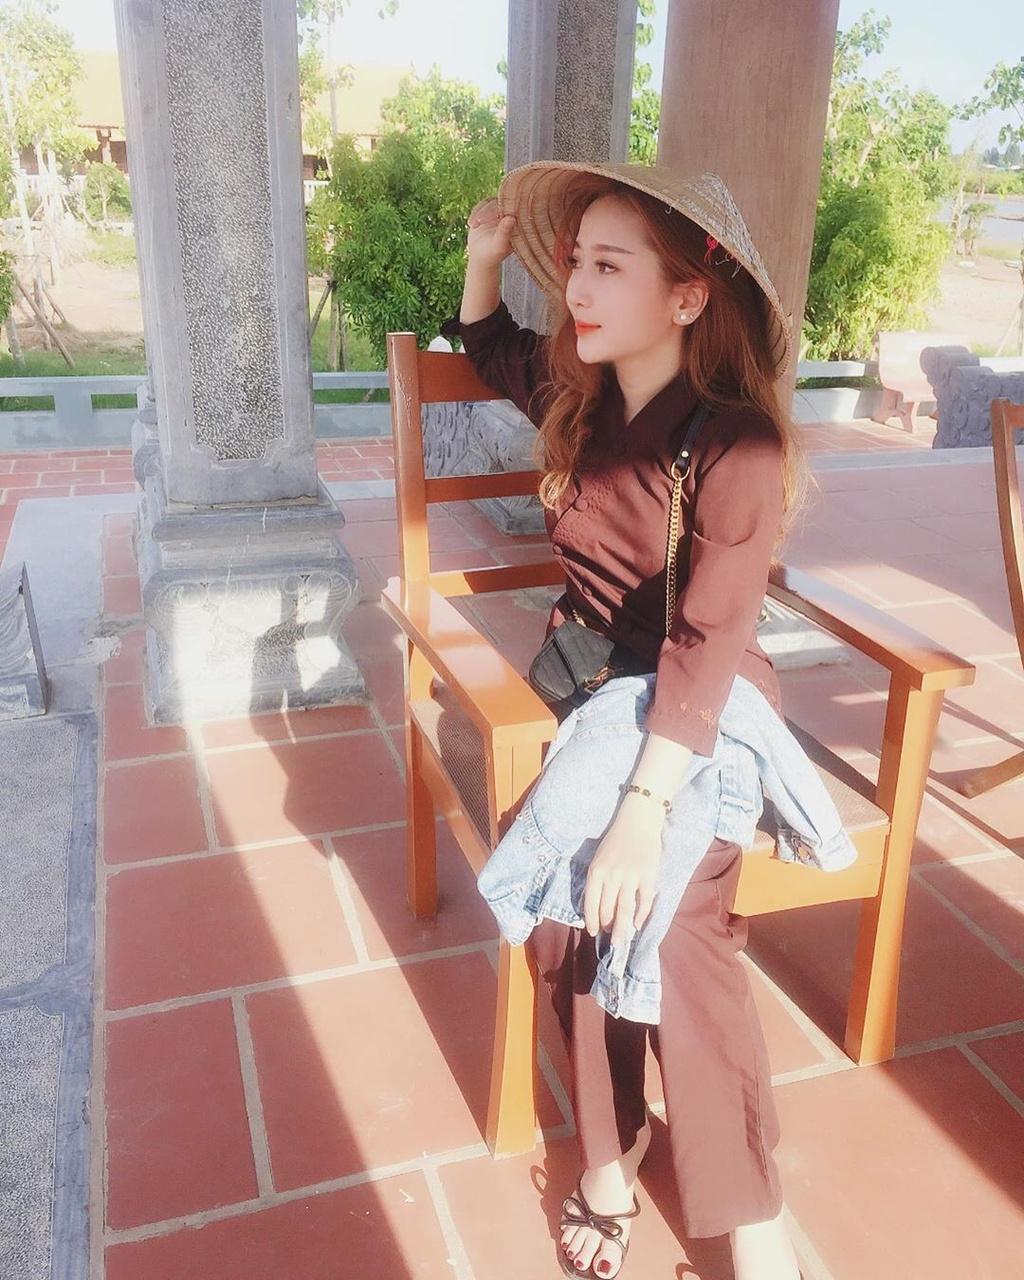 4 Thien vien Truc Lam noi tieng o Nam Bo hinh anh 25  - kimngan_o0_70887632_492119214707044_7413422124135787882_n - 4 Thiền viện Trúc Lâm nổi tiếng ở Nam Bộ